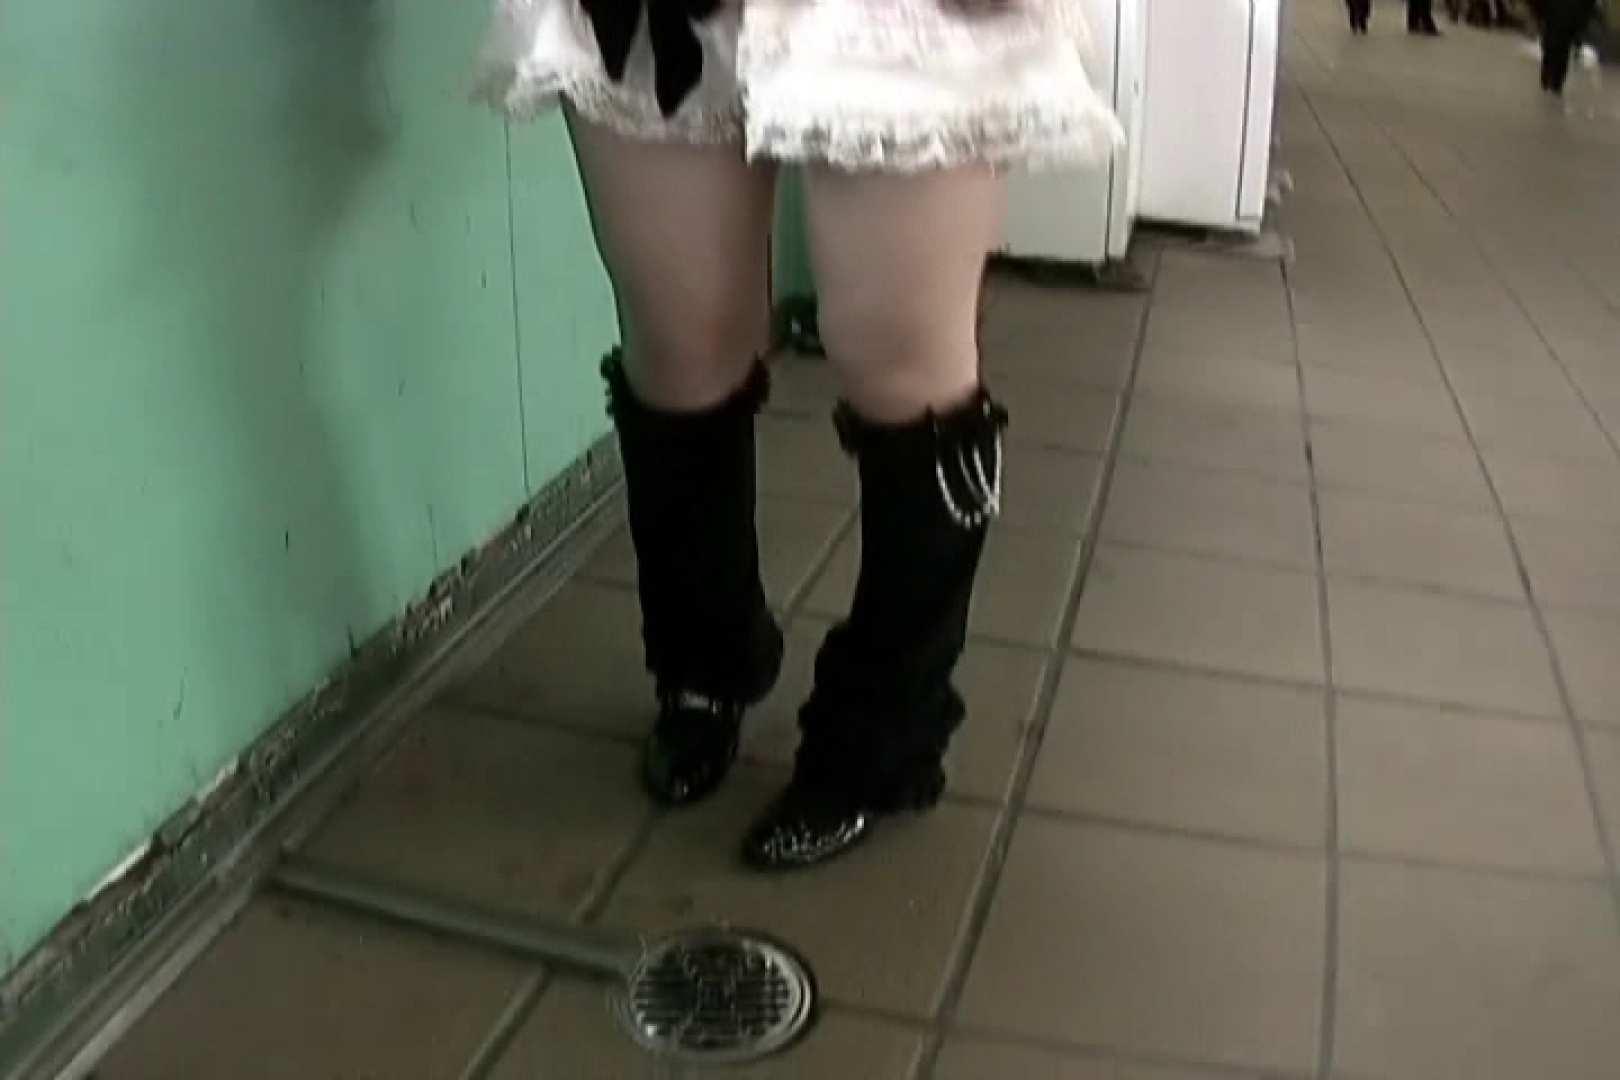 素人嬢がAV面接にやって来た。 仮名ゆみvol.2 素人のぞき エロ無料画像 86pic 19